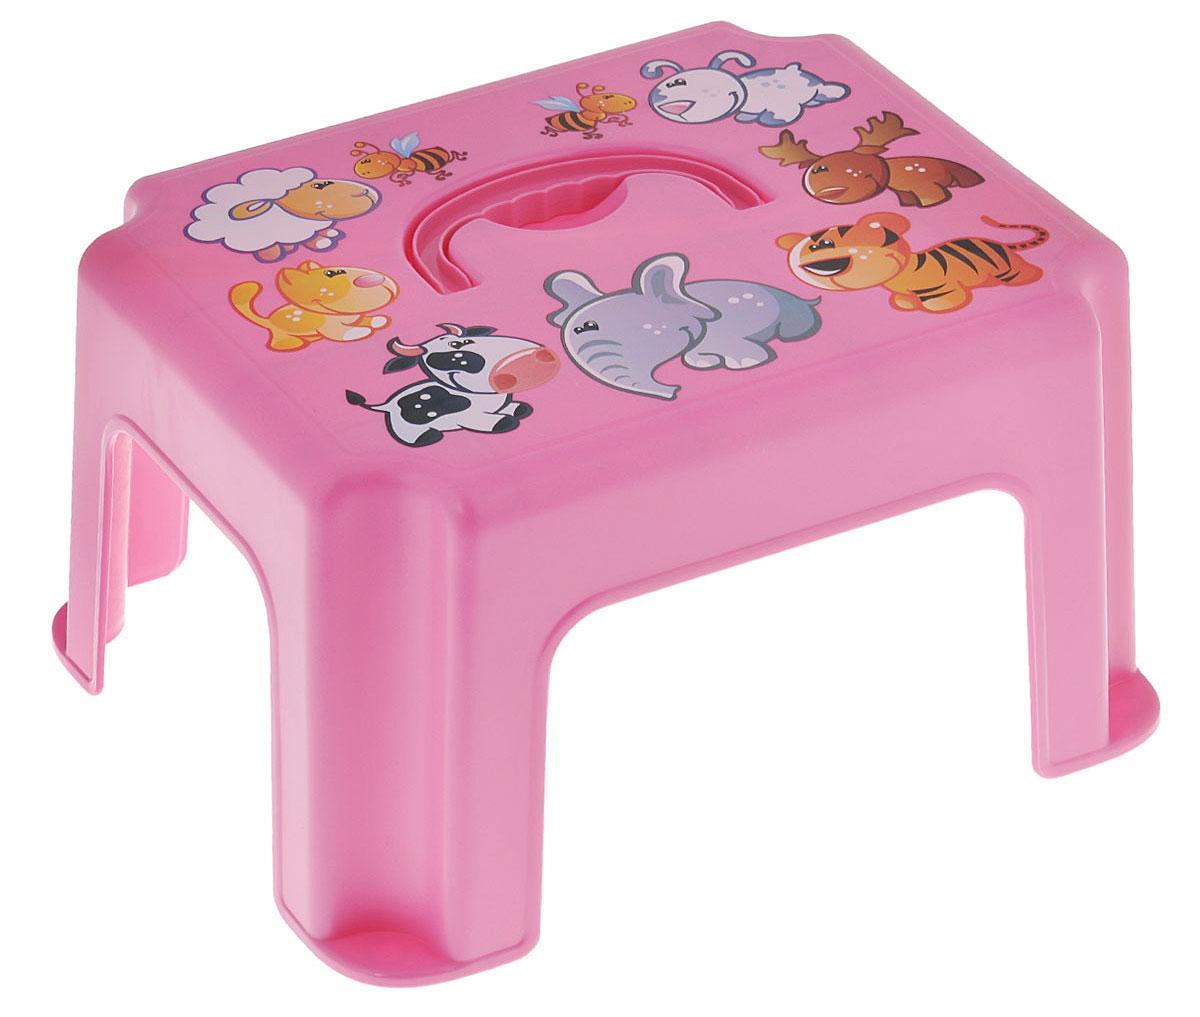 Idea Табурет-подставка детский с ручкой цвет розовыйМ 2290 розТабурет-подставка Idea изготовлен из высококачественного прочного пластика, оформленного красочными изображениями, которые привлекут внимание ребенка. Изделие предназначено для детей, можно использовать и как стульчик, и как подставку для игрушек. Очень удобный аксессуар для мам и малышей. Табурет оснащен ручкой для удобной переноски.